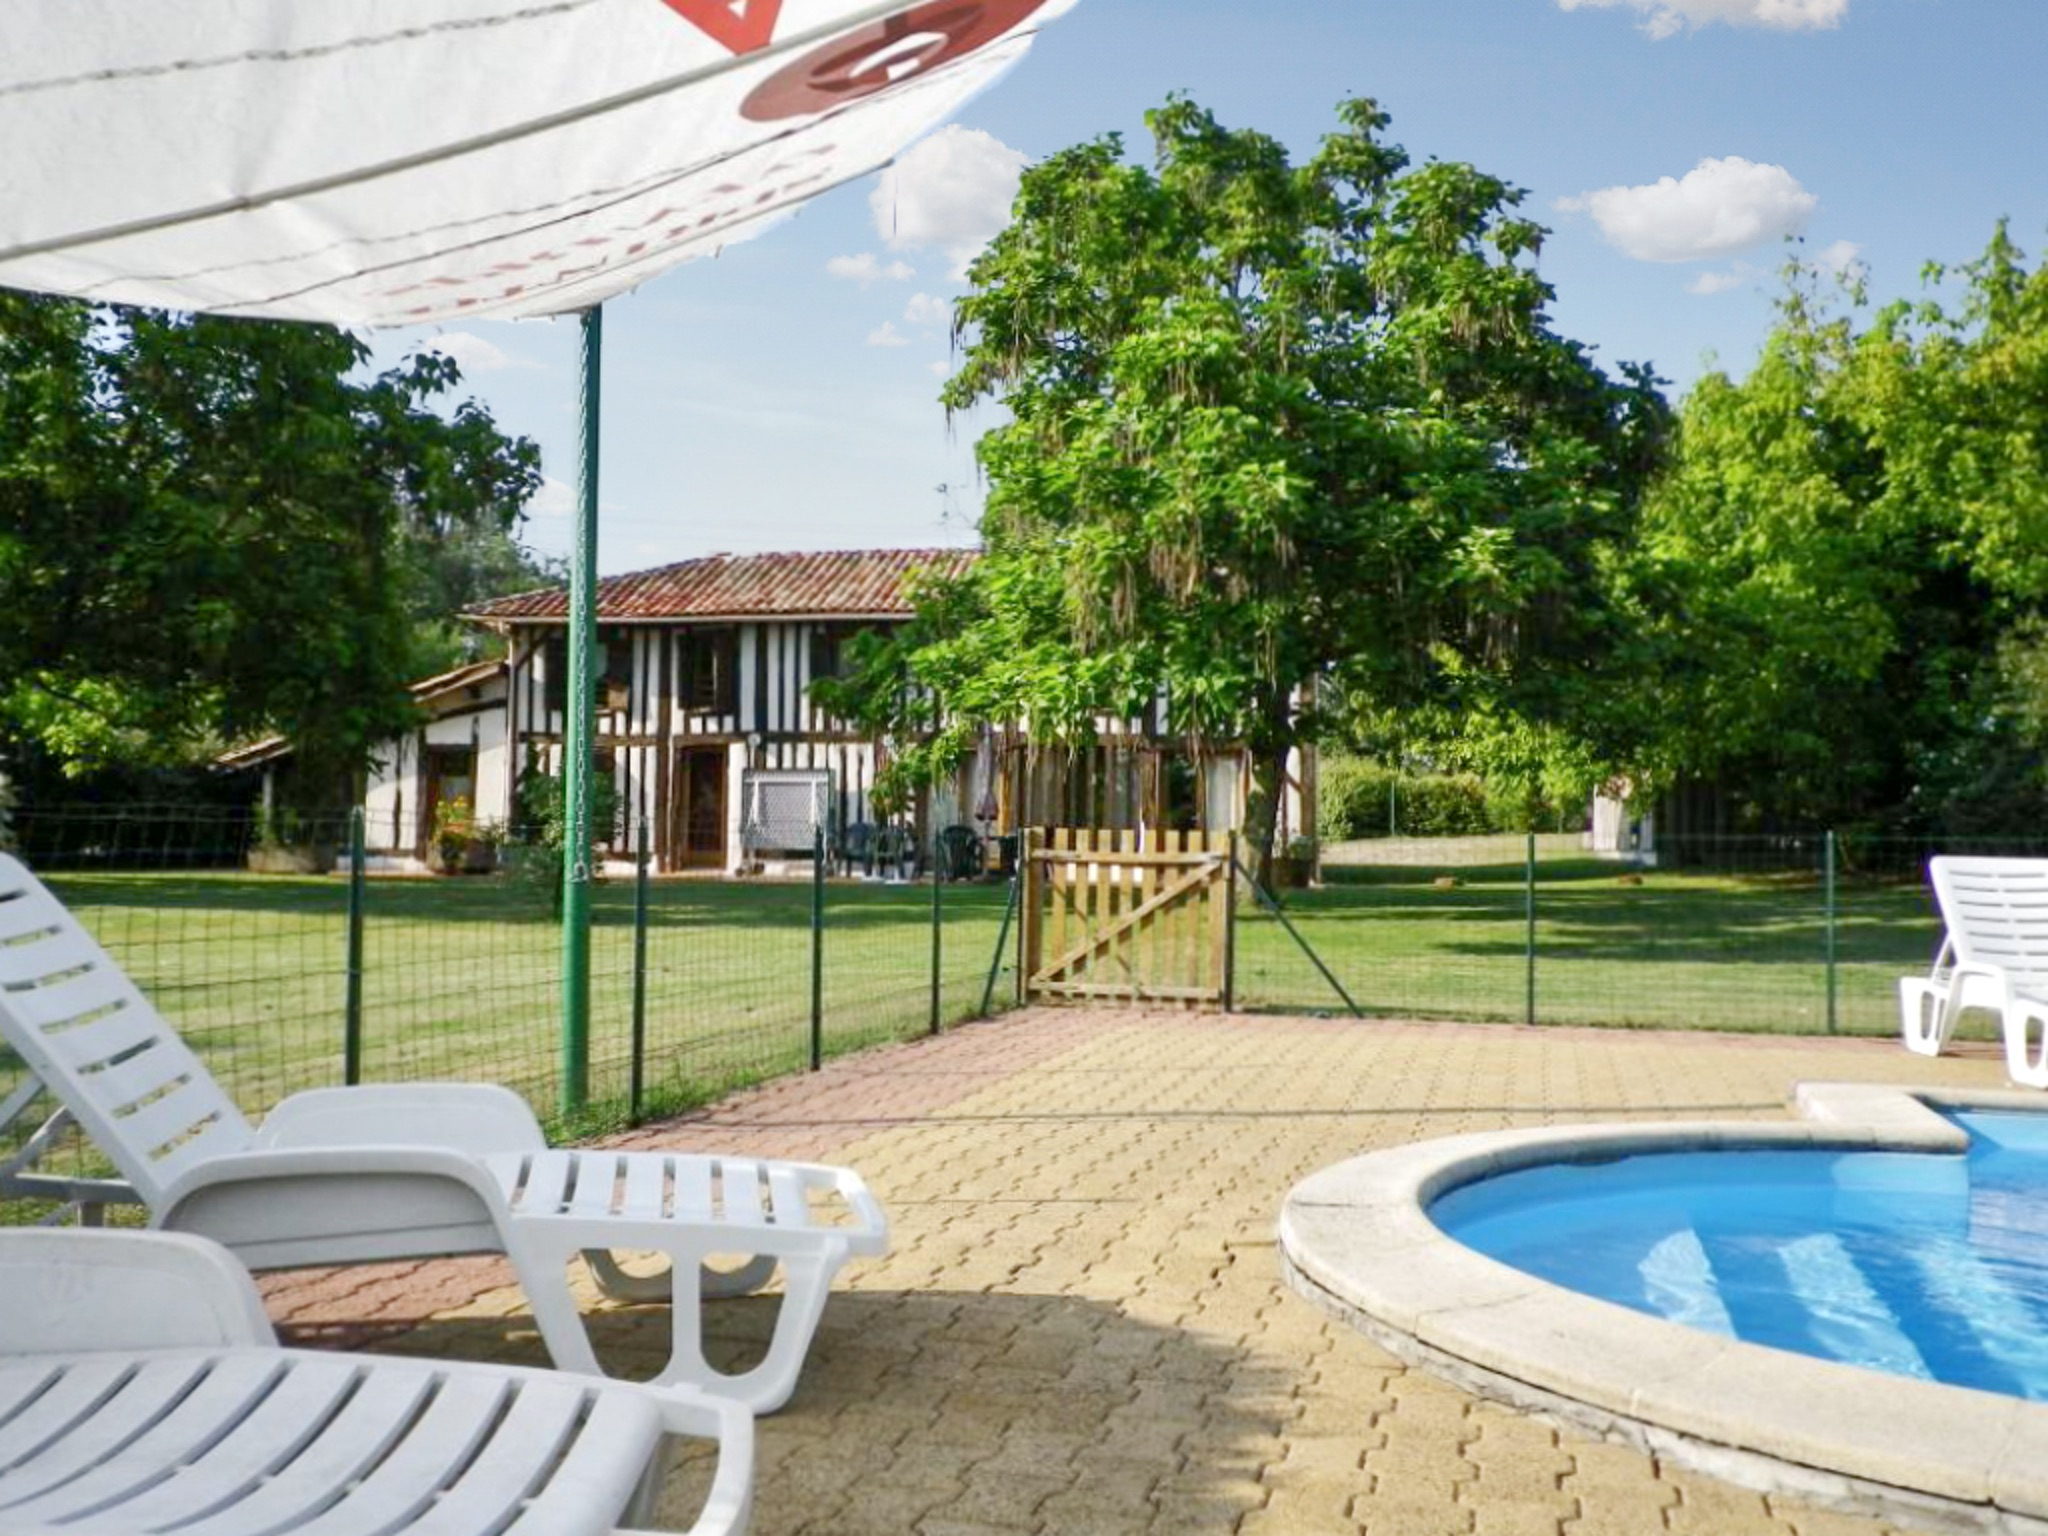 Ferienhaus Villa mit 4 Zimmern in Trensacq mit privatem Pool und möbliertem Garten - 45 km vom Strand (2202366), Trensacq, Landes, Aquitanien, Frankreich, Bild 34